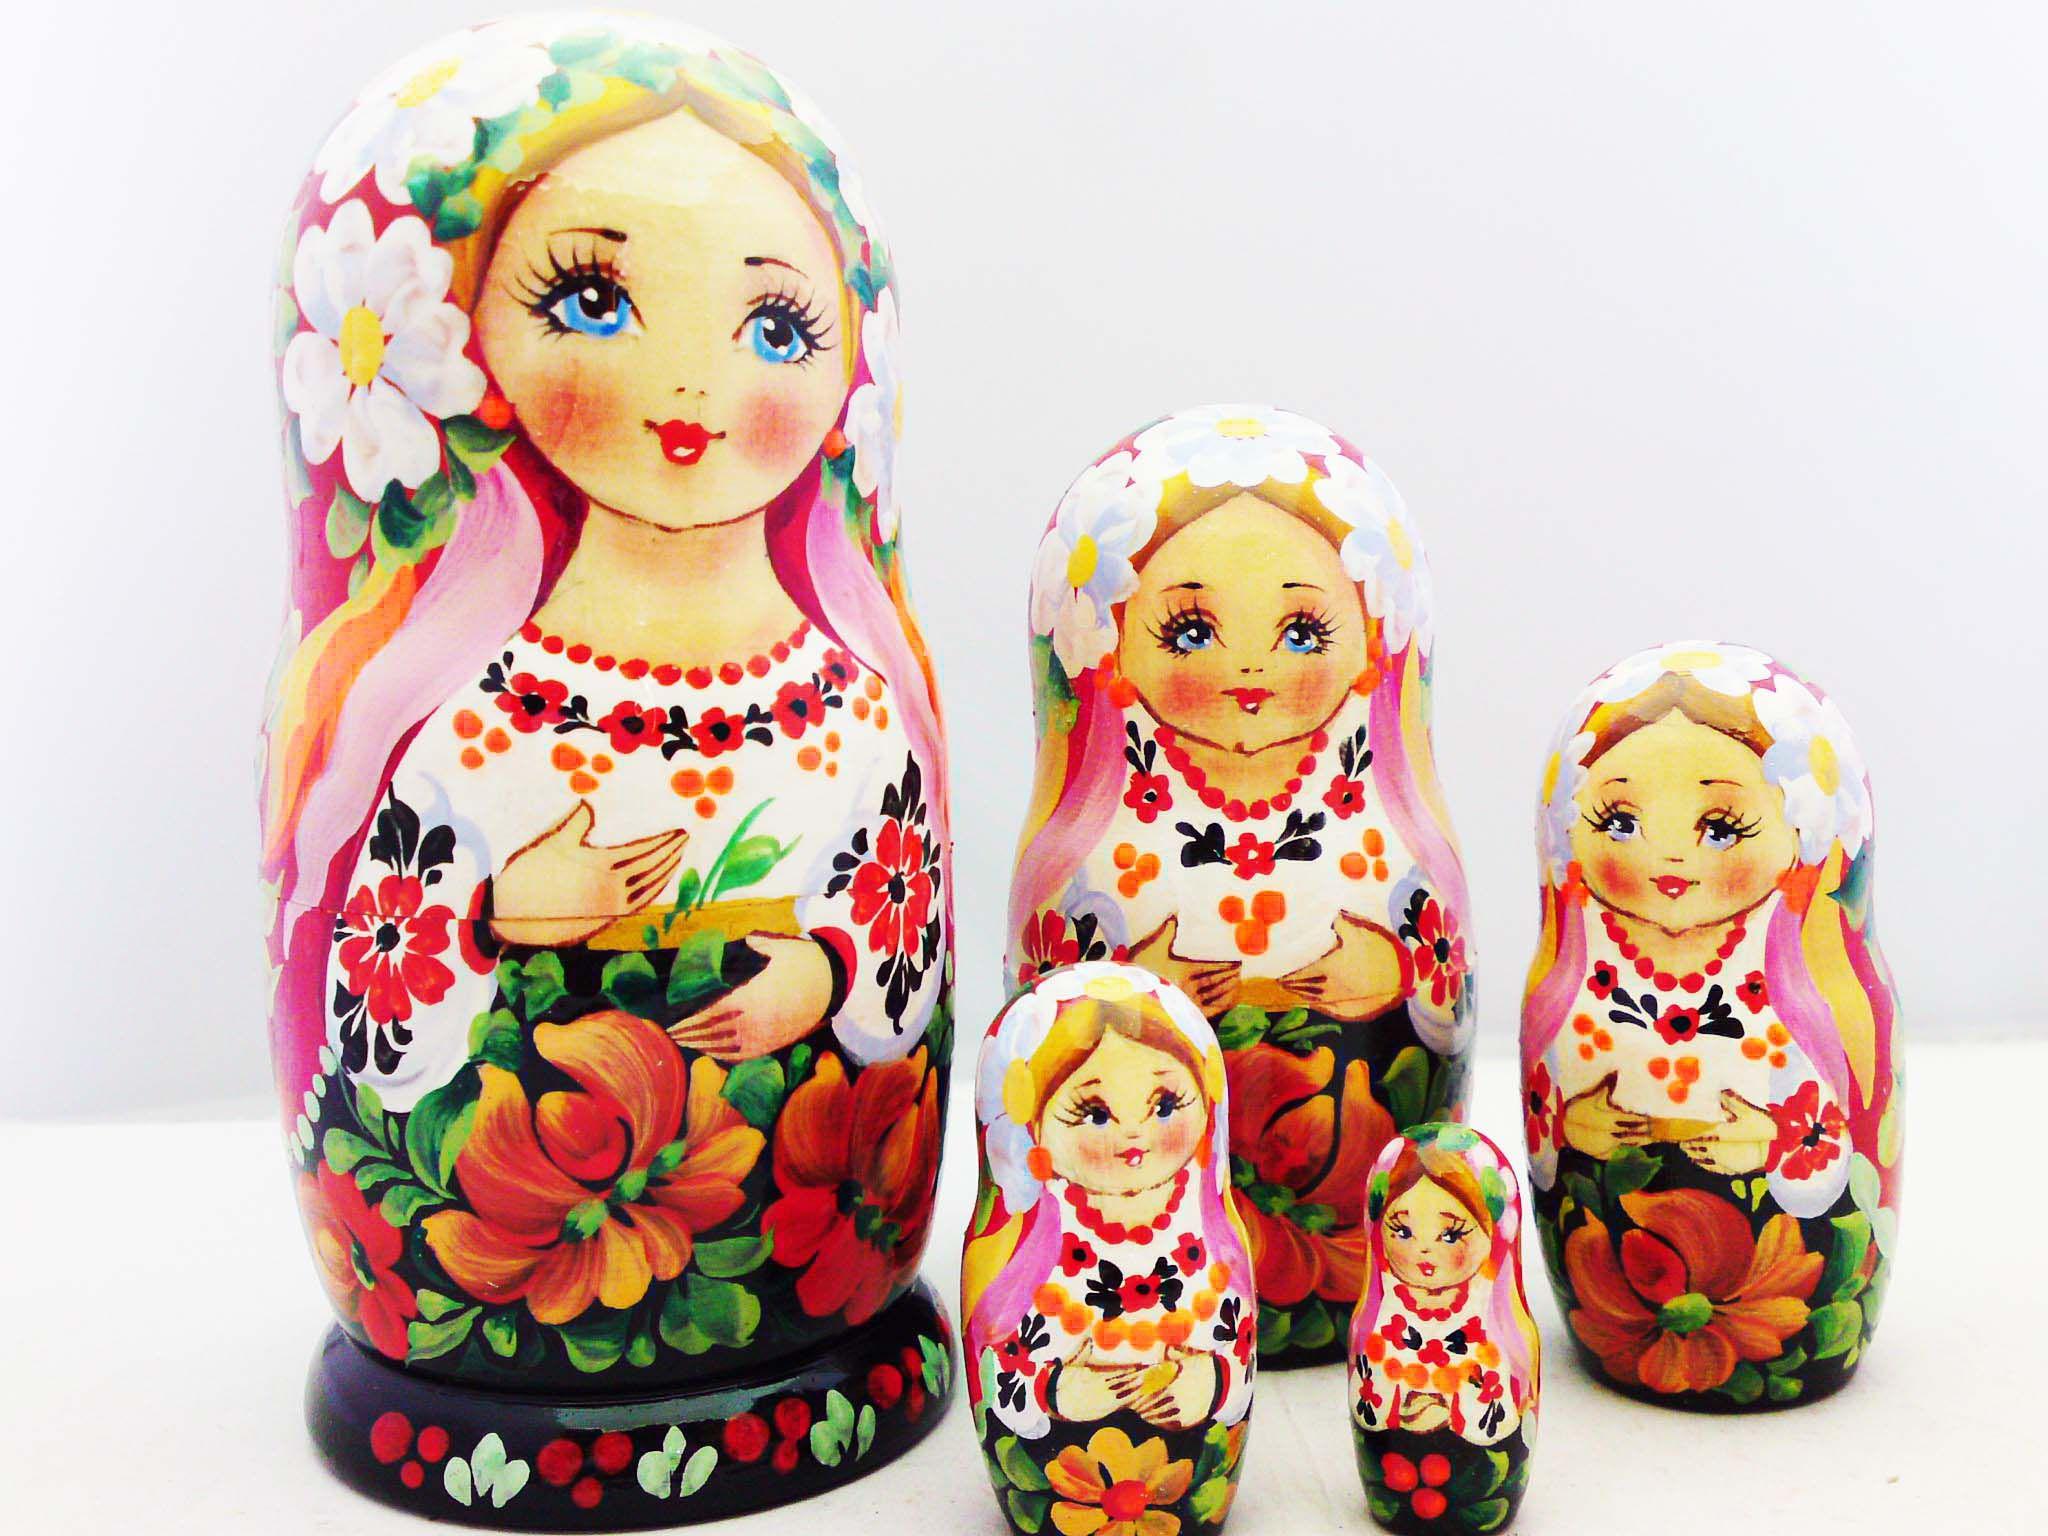 Thanksgiving Day Matryoshka Russian Nesting Dolls Babushka Matrioshka 5 Pcs